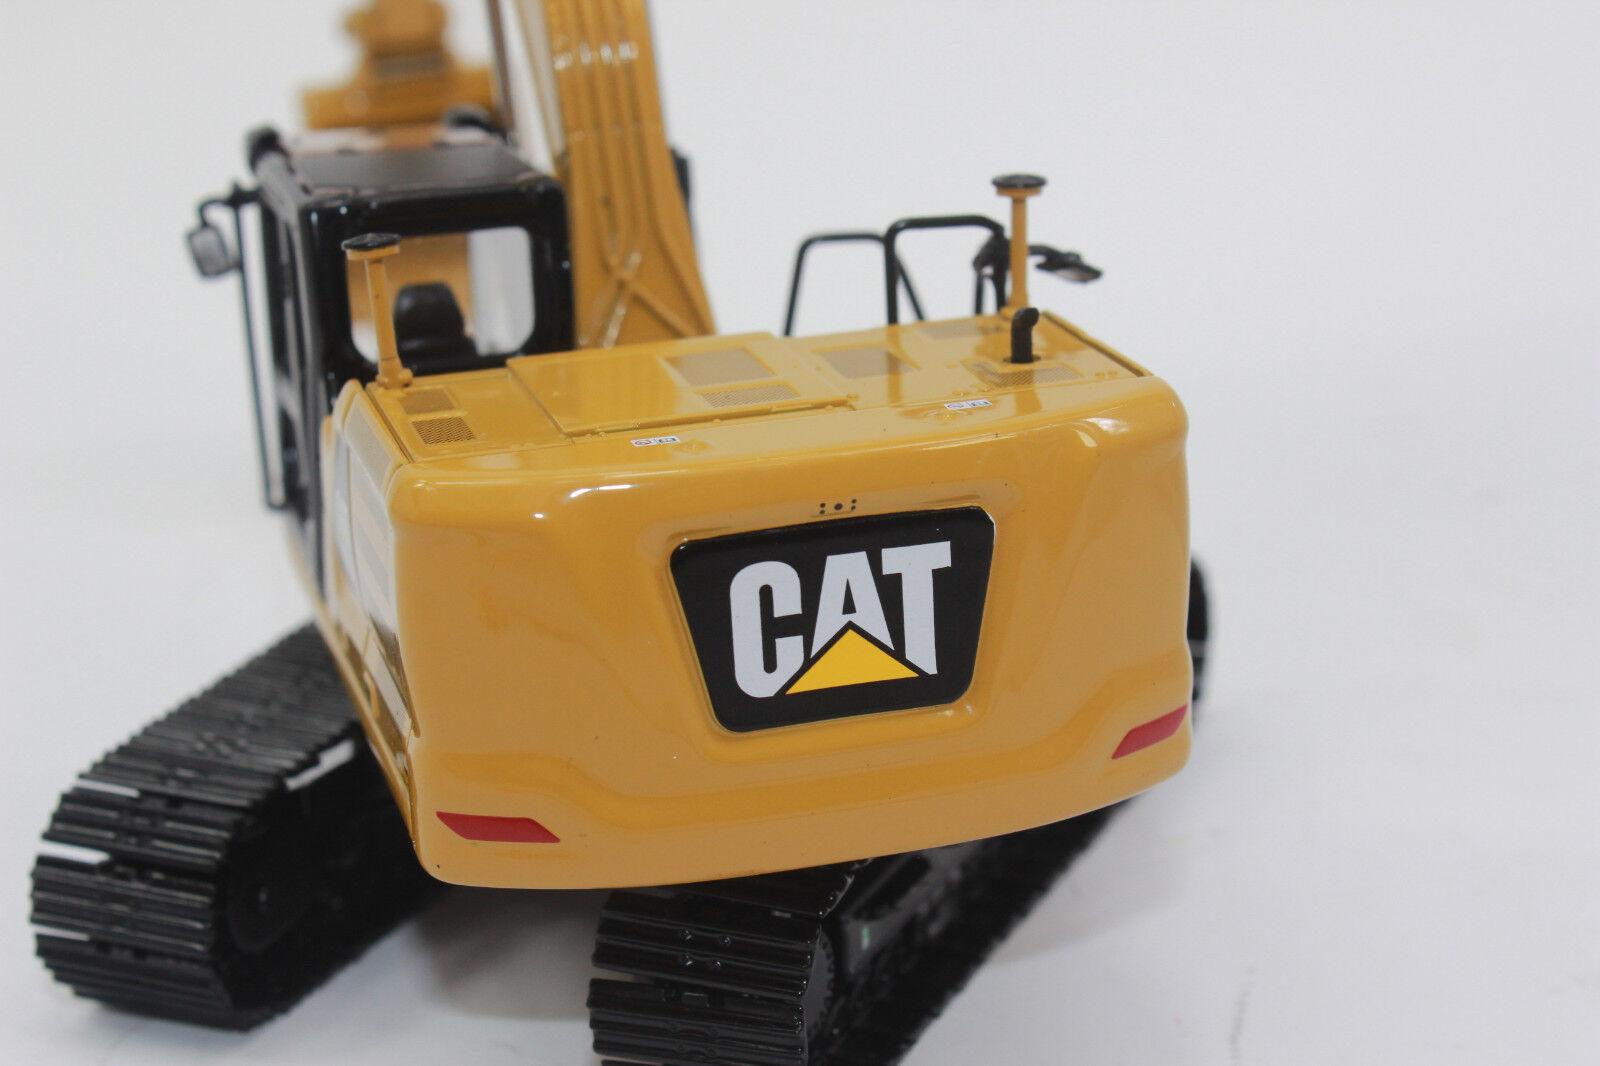 Diecast Master 85571 Cat 323 Pelles sur Chenilles Chenilles Chenilles Prochaine Génération 1:50 | Technologie Sophistiquée  965d7d